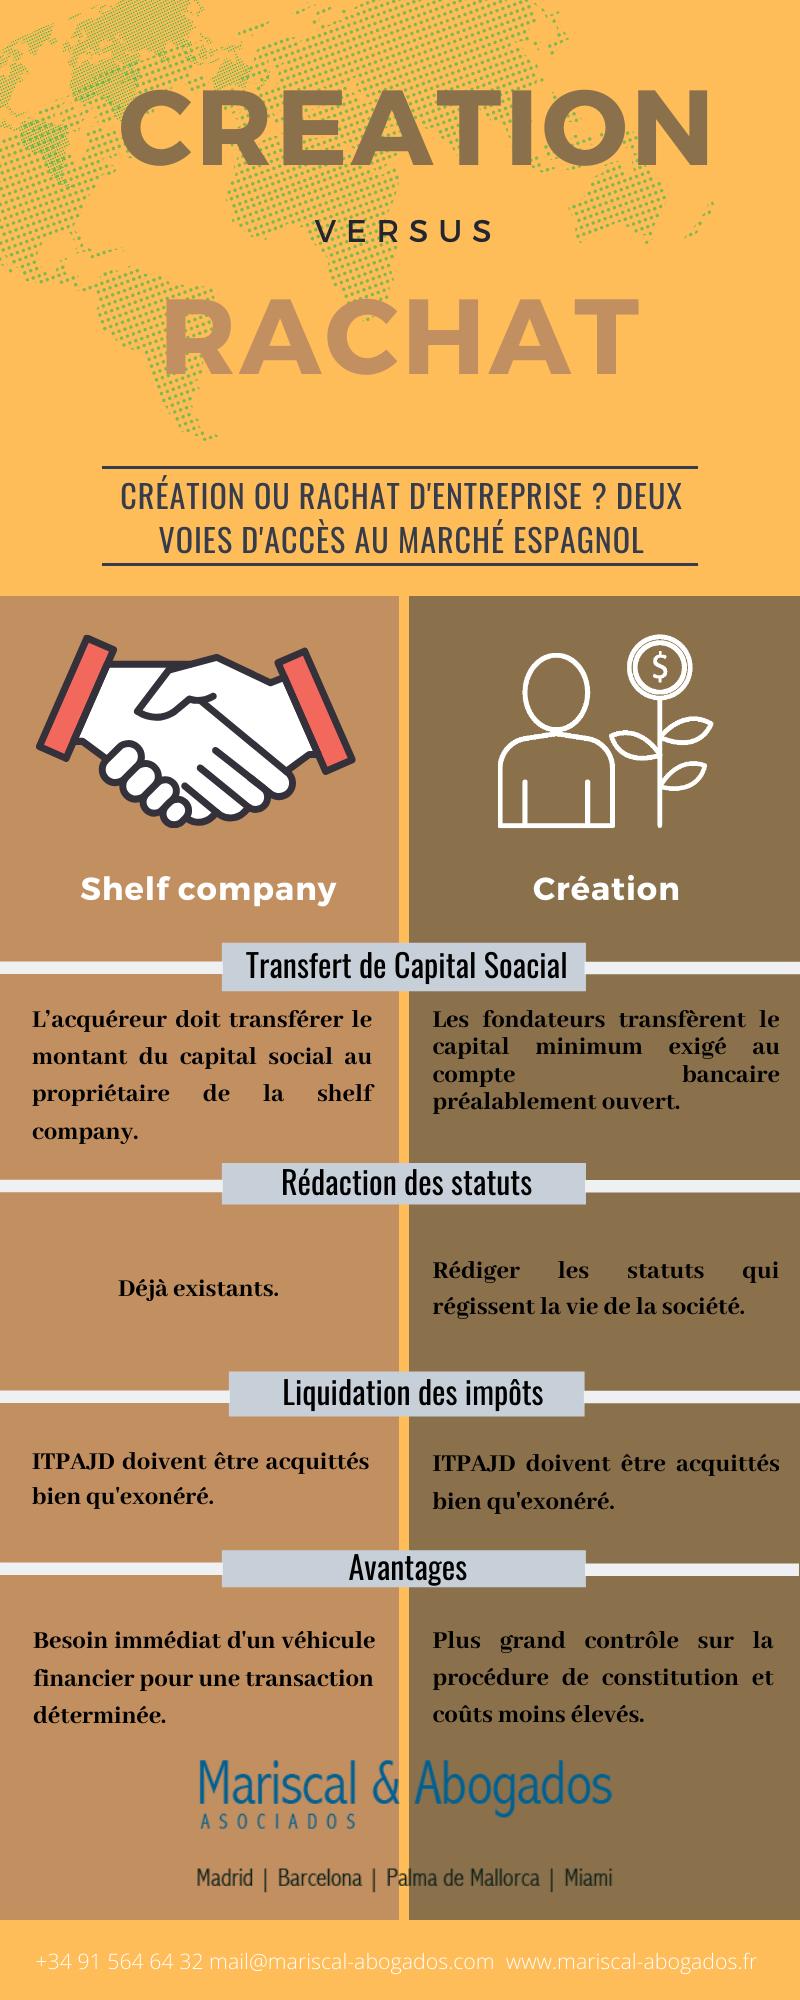 72 2019 Connaissez-vous les alternatives pour acceder au marché espagnol _